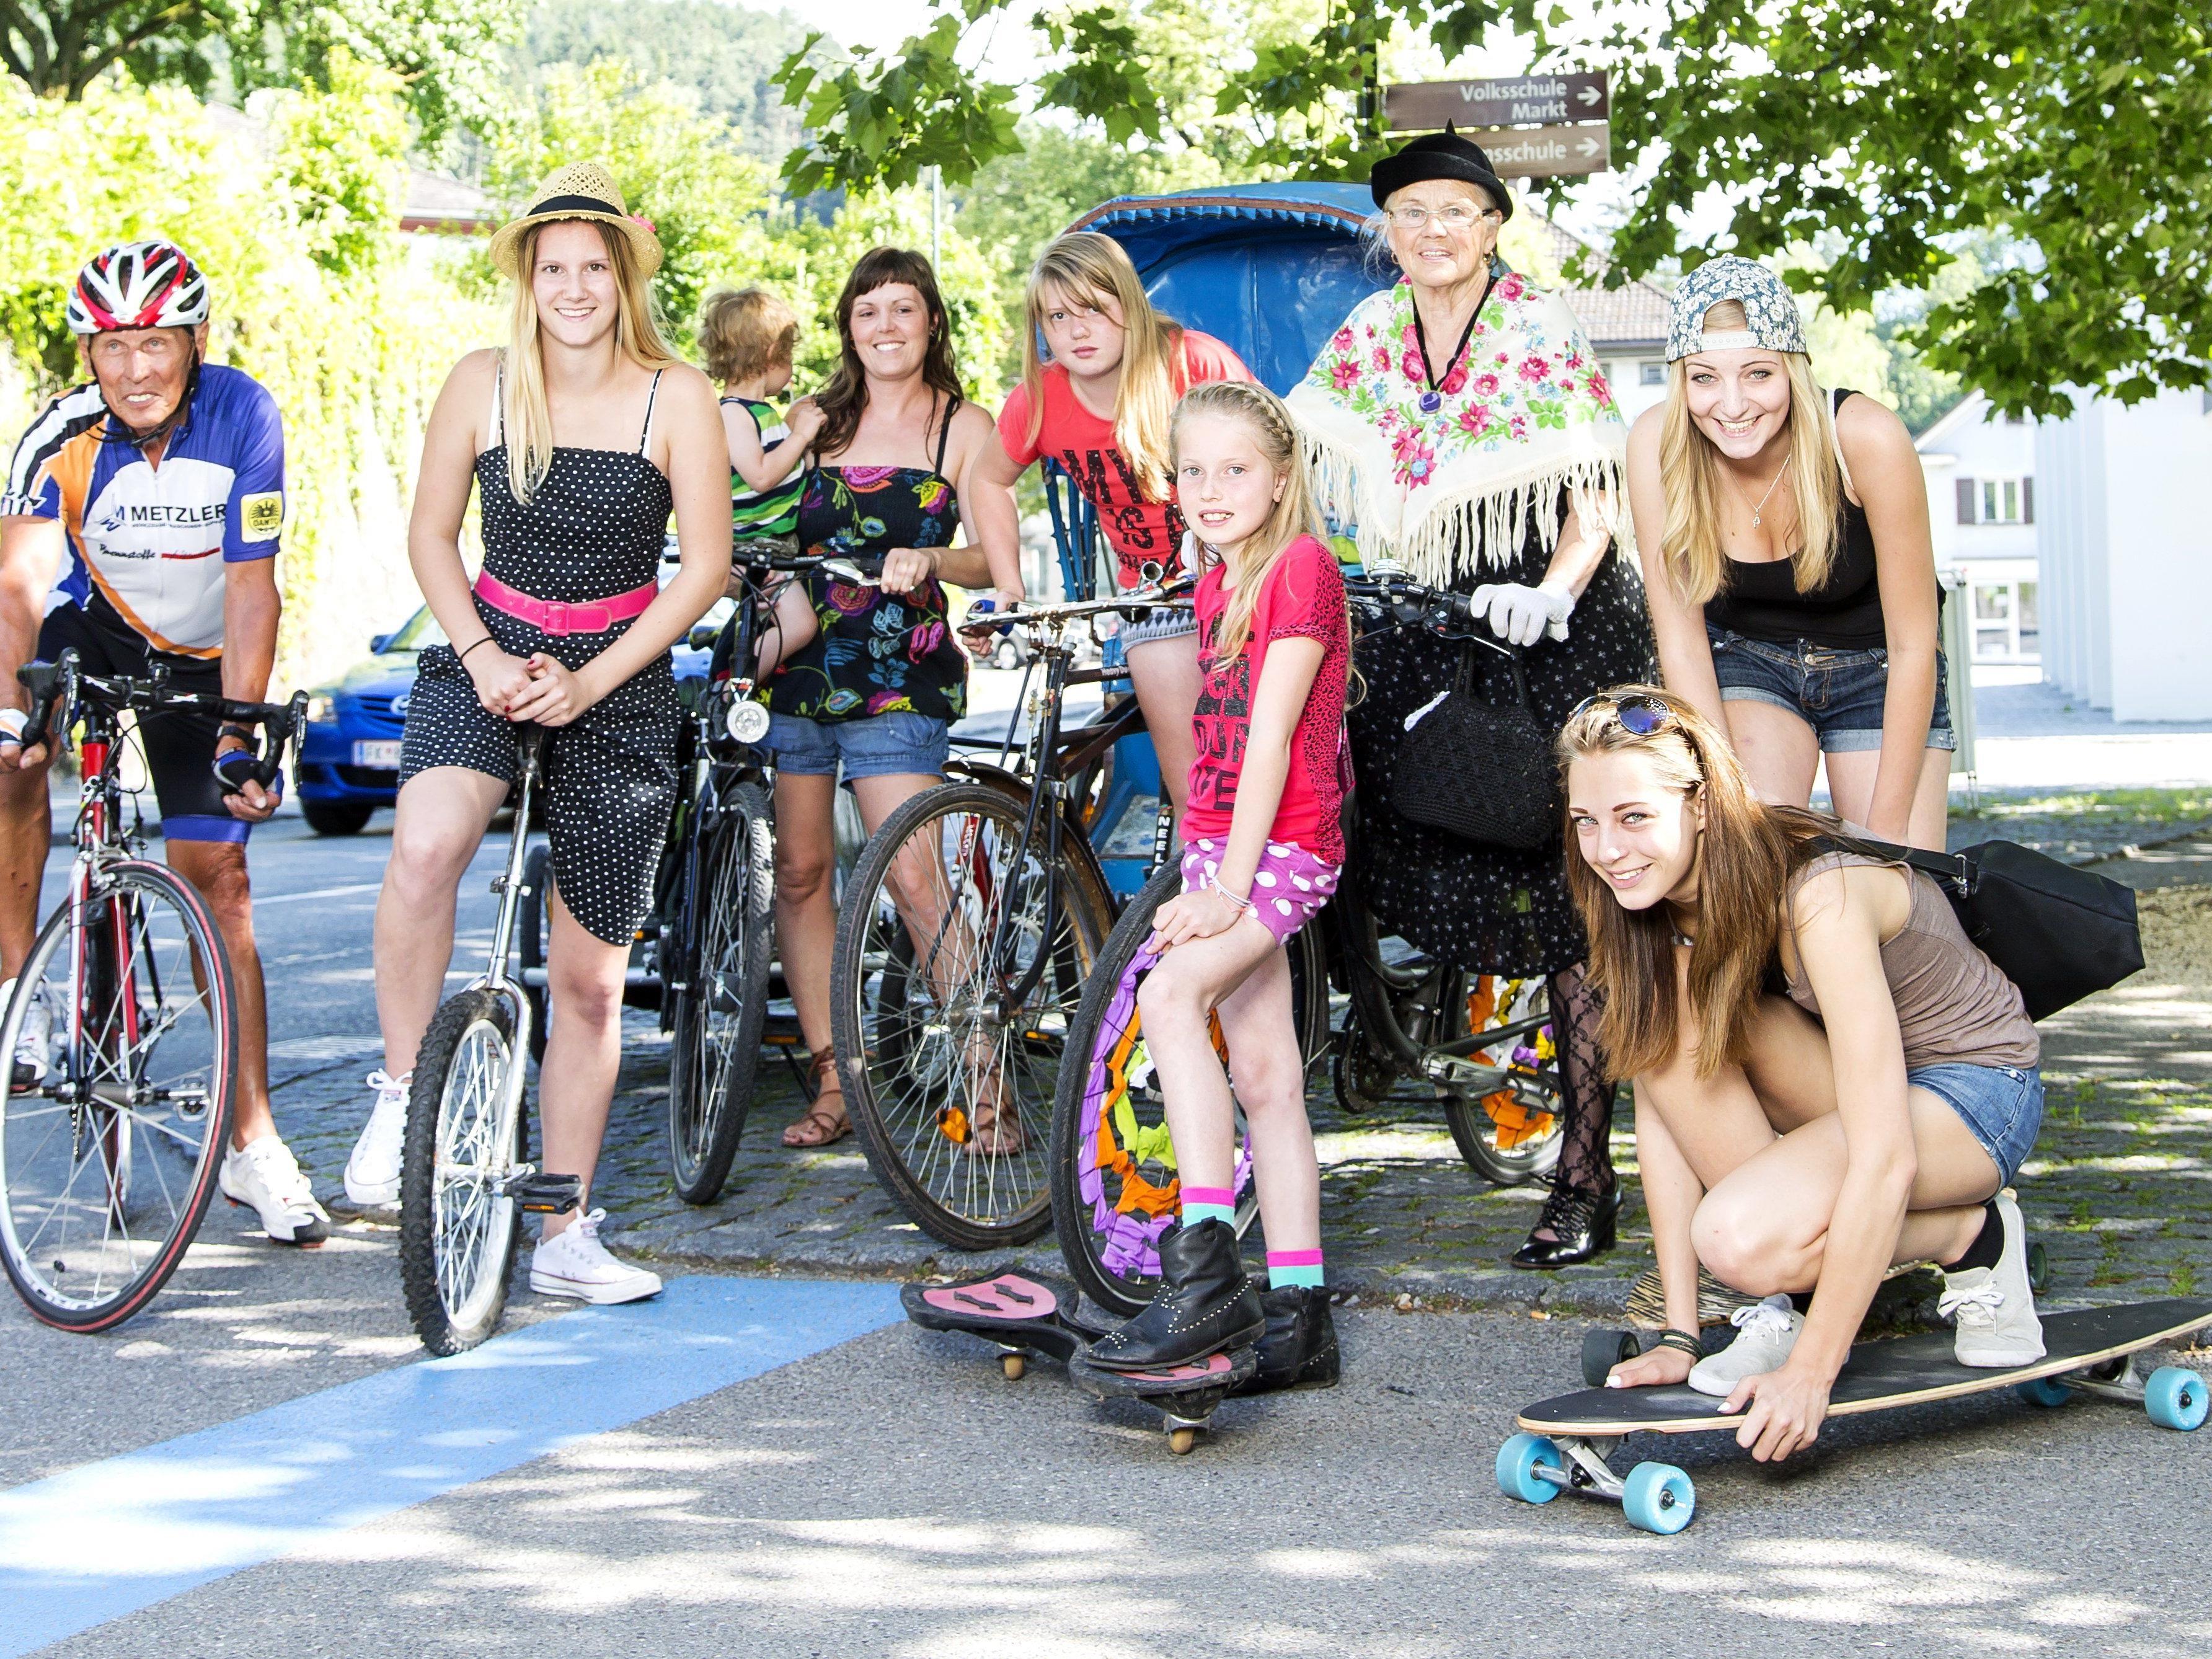 Frau Kennenlernen In Sulz Singlespeed Fahrrad In Ziersdorf